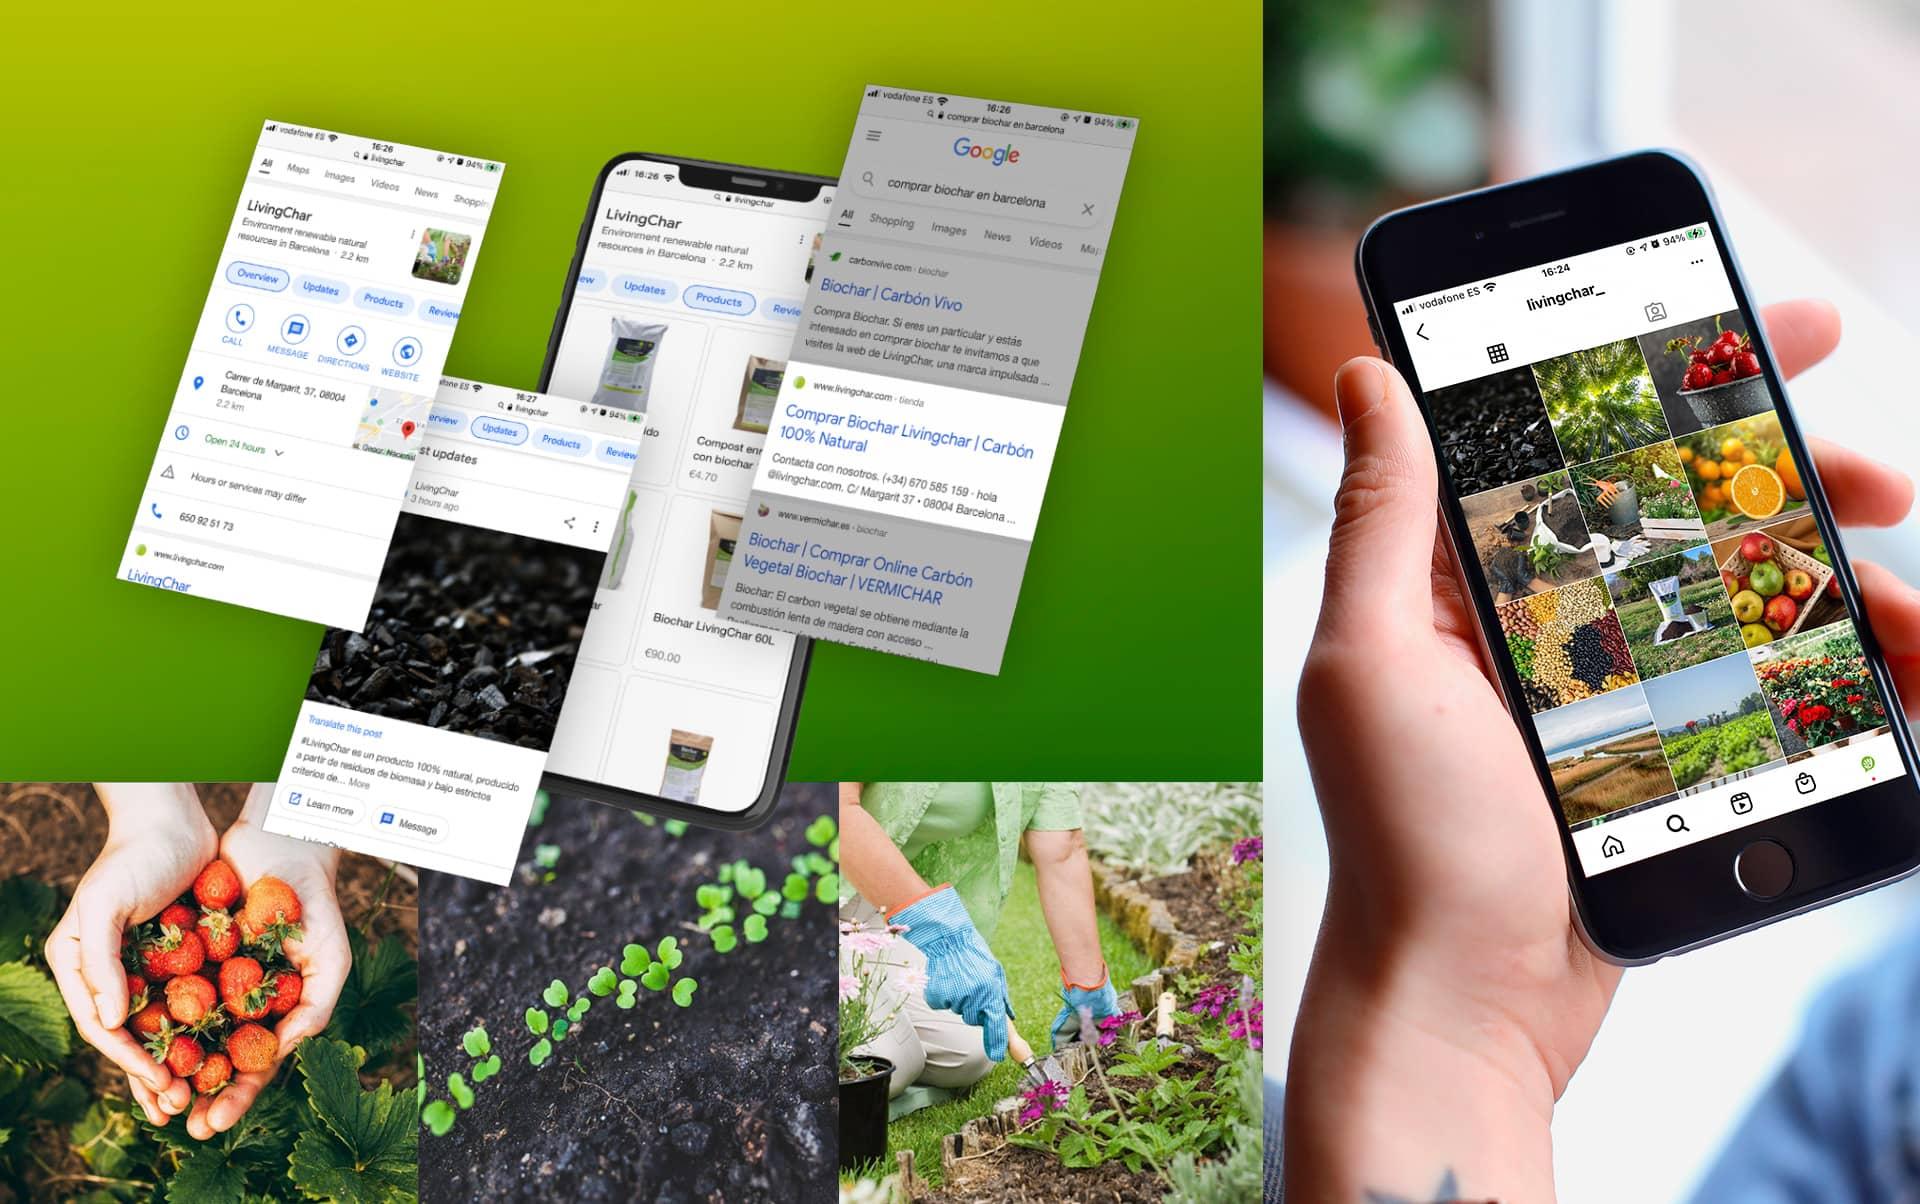 07 estrategia de redes sociales empresa agricultura - Branding, estrategia y acciones y elementos corporativos para empresa del sector agrícola